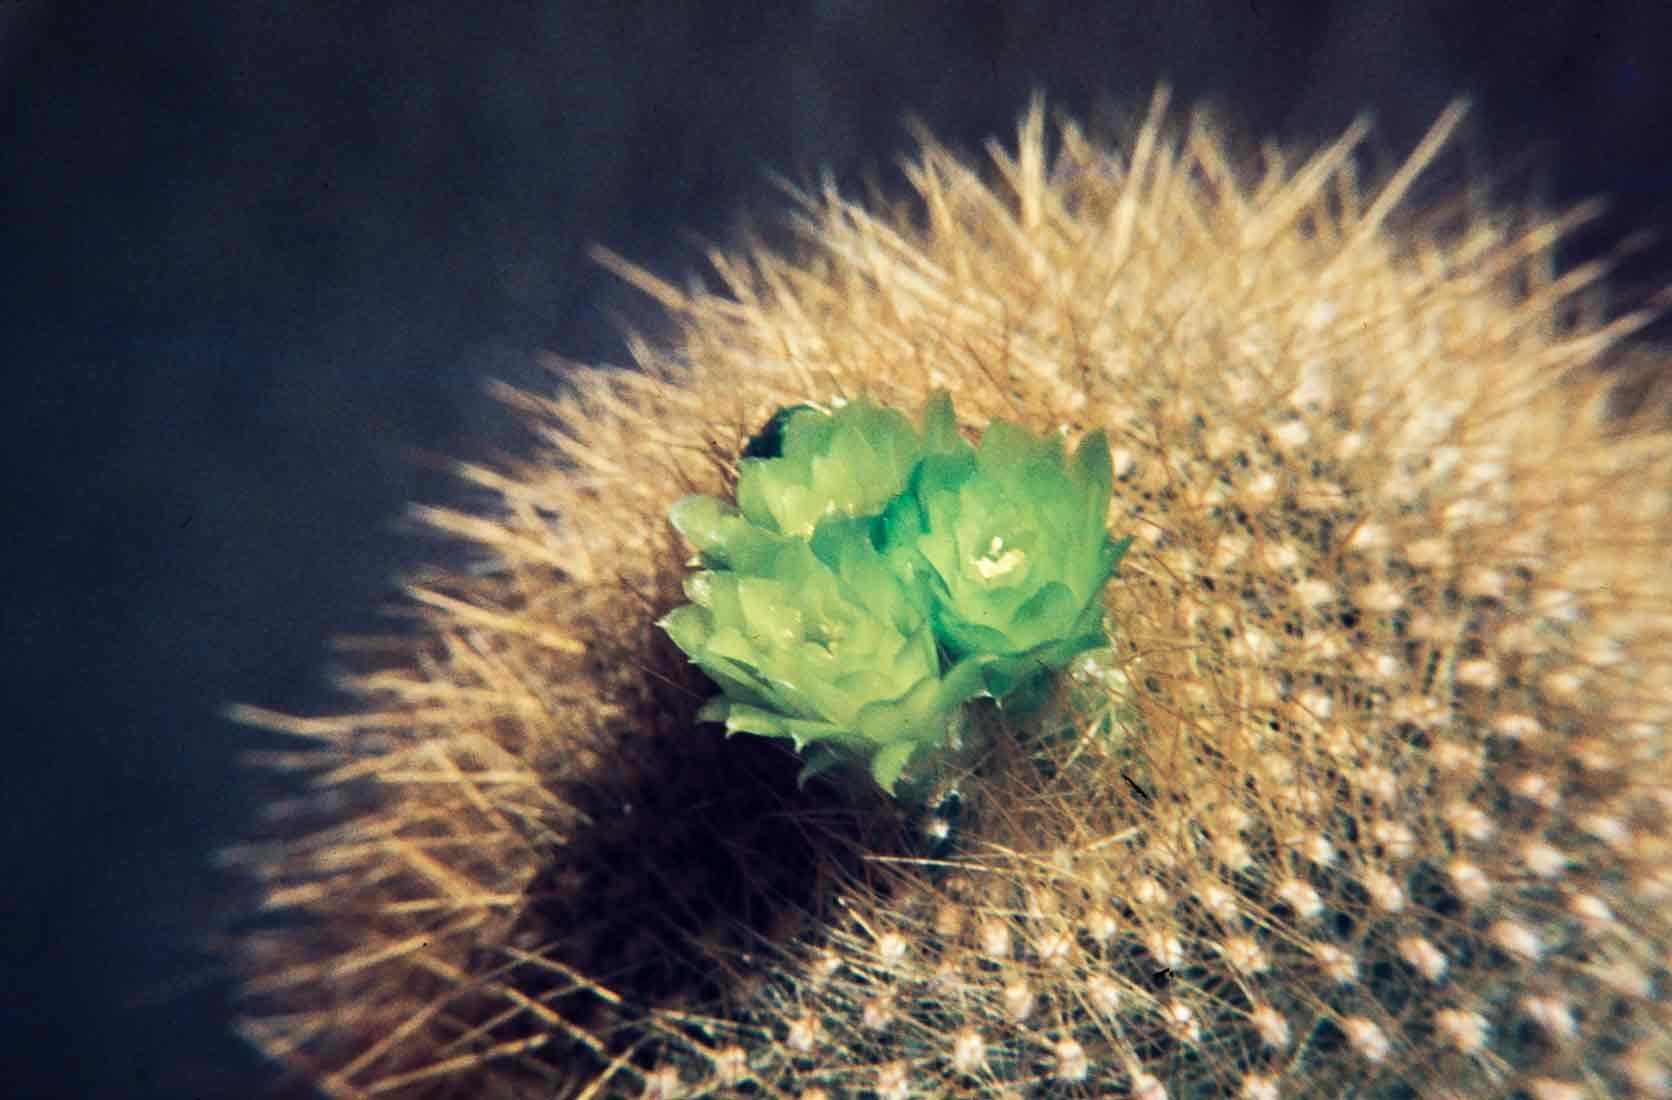 Brasilicactus-graessneri-1981